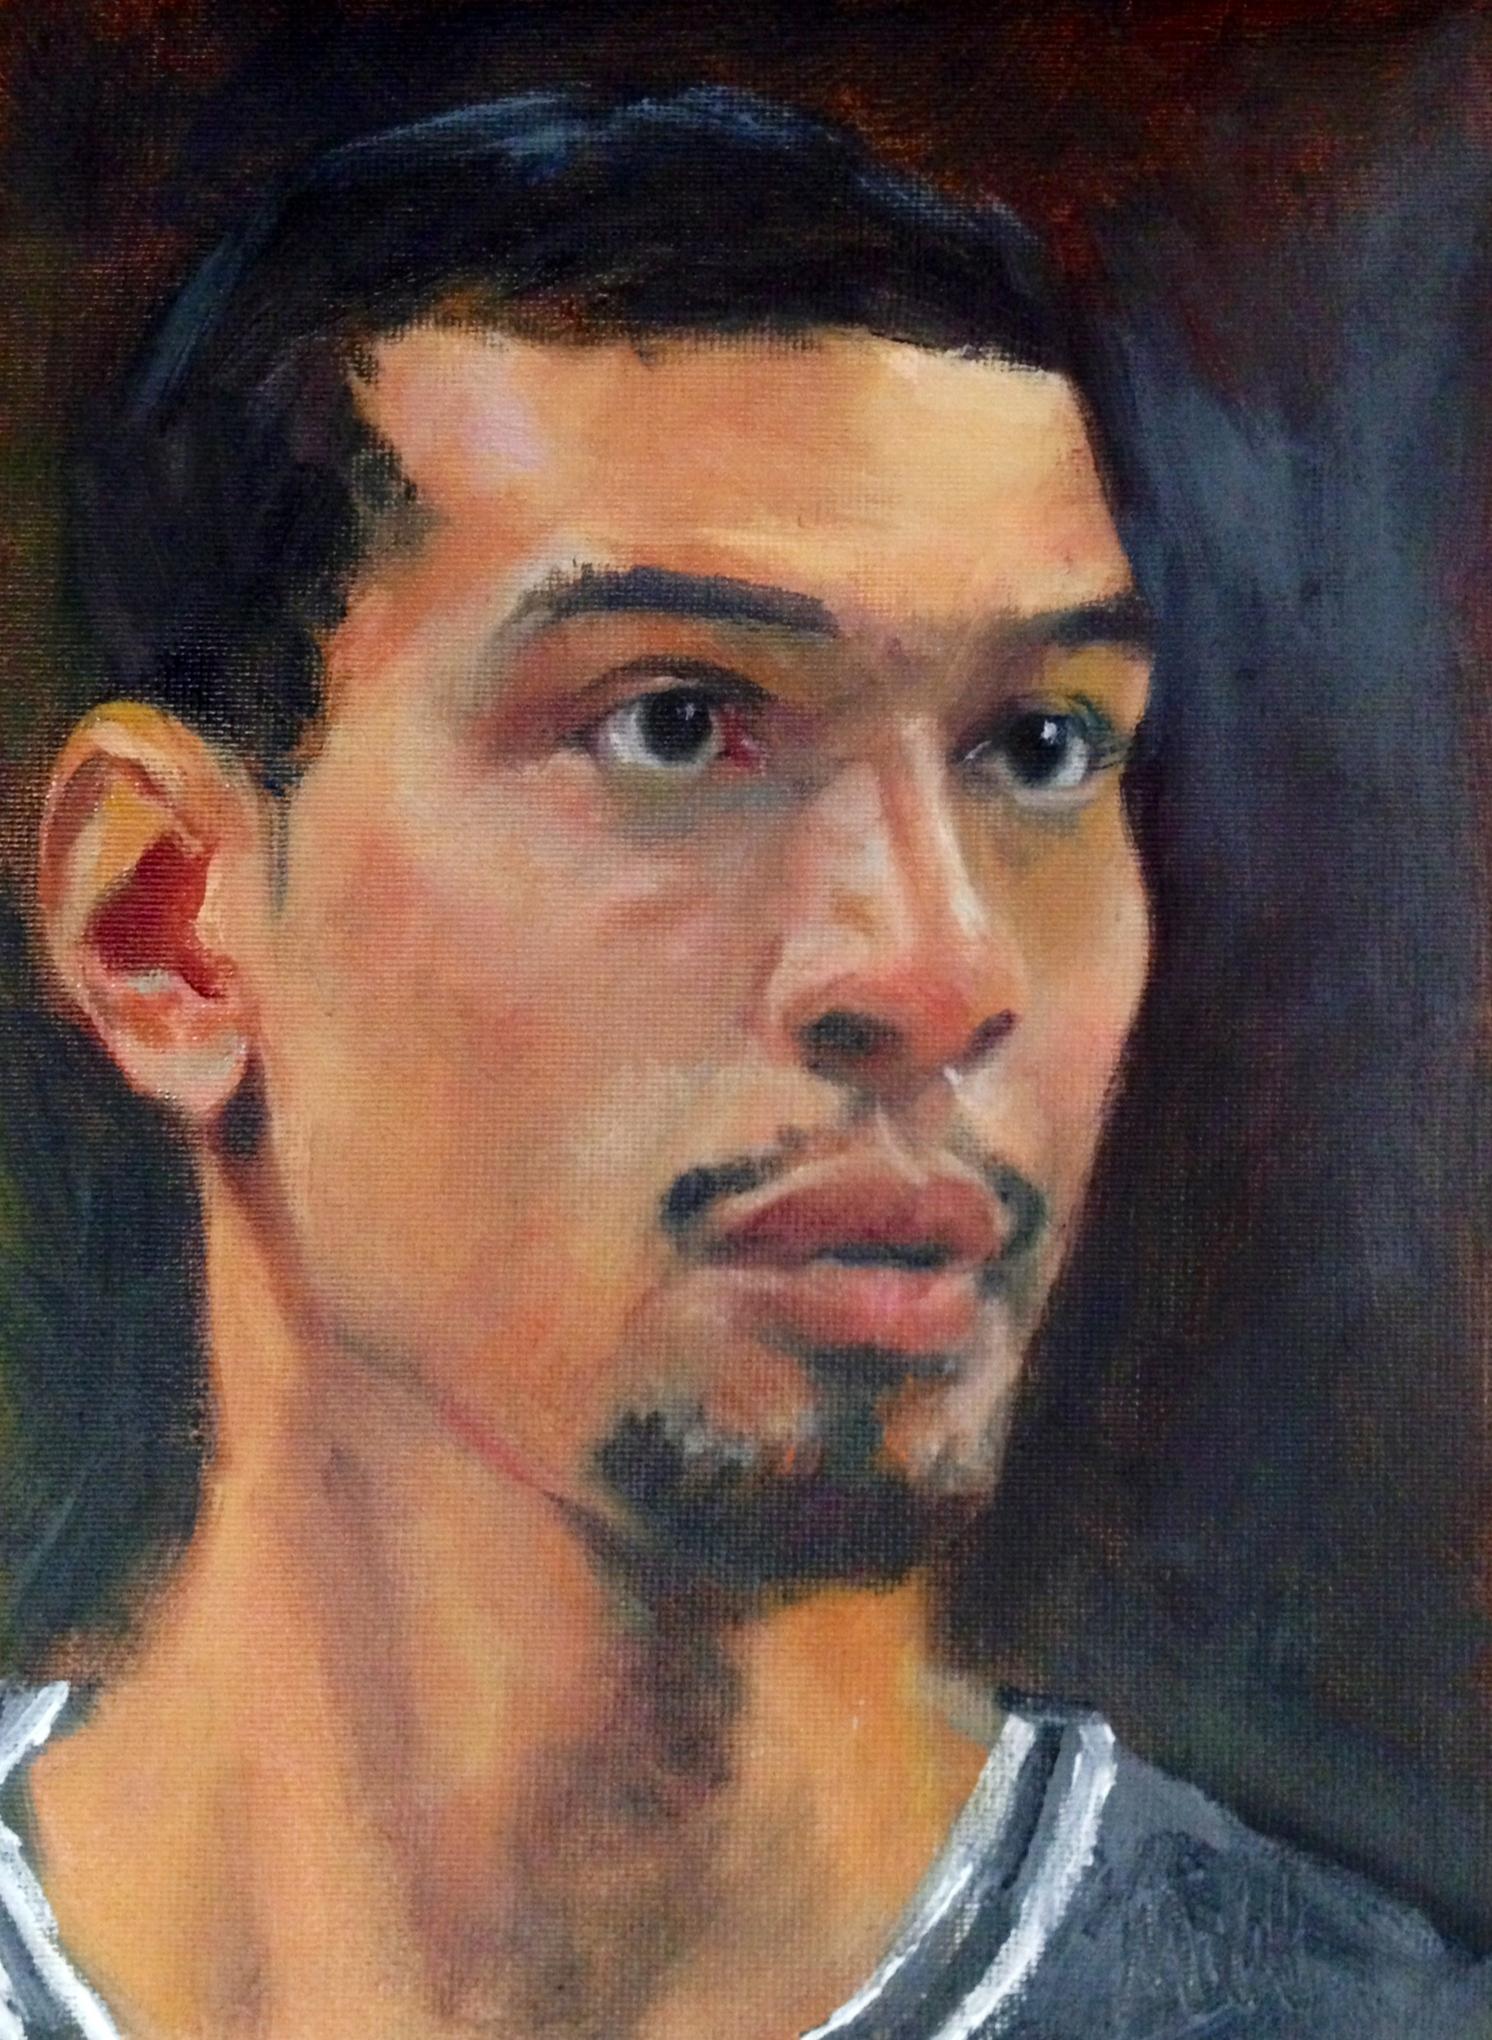 Danny-green-portrait-oil